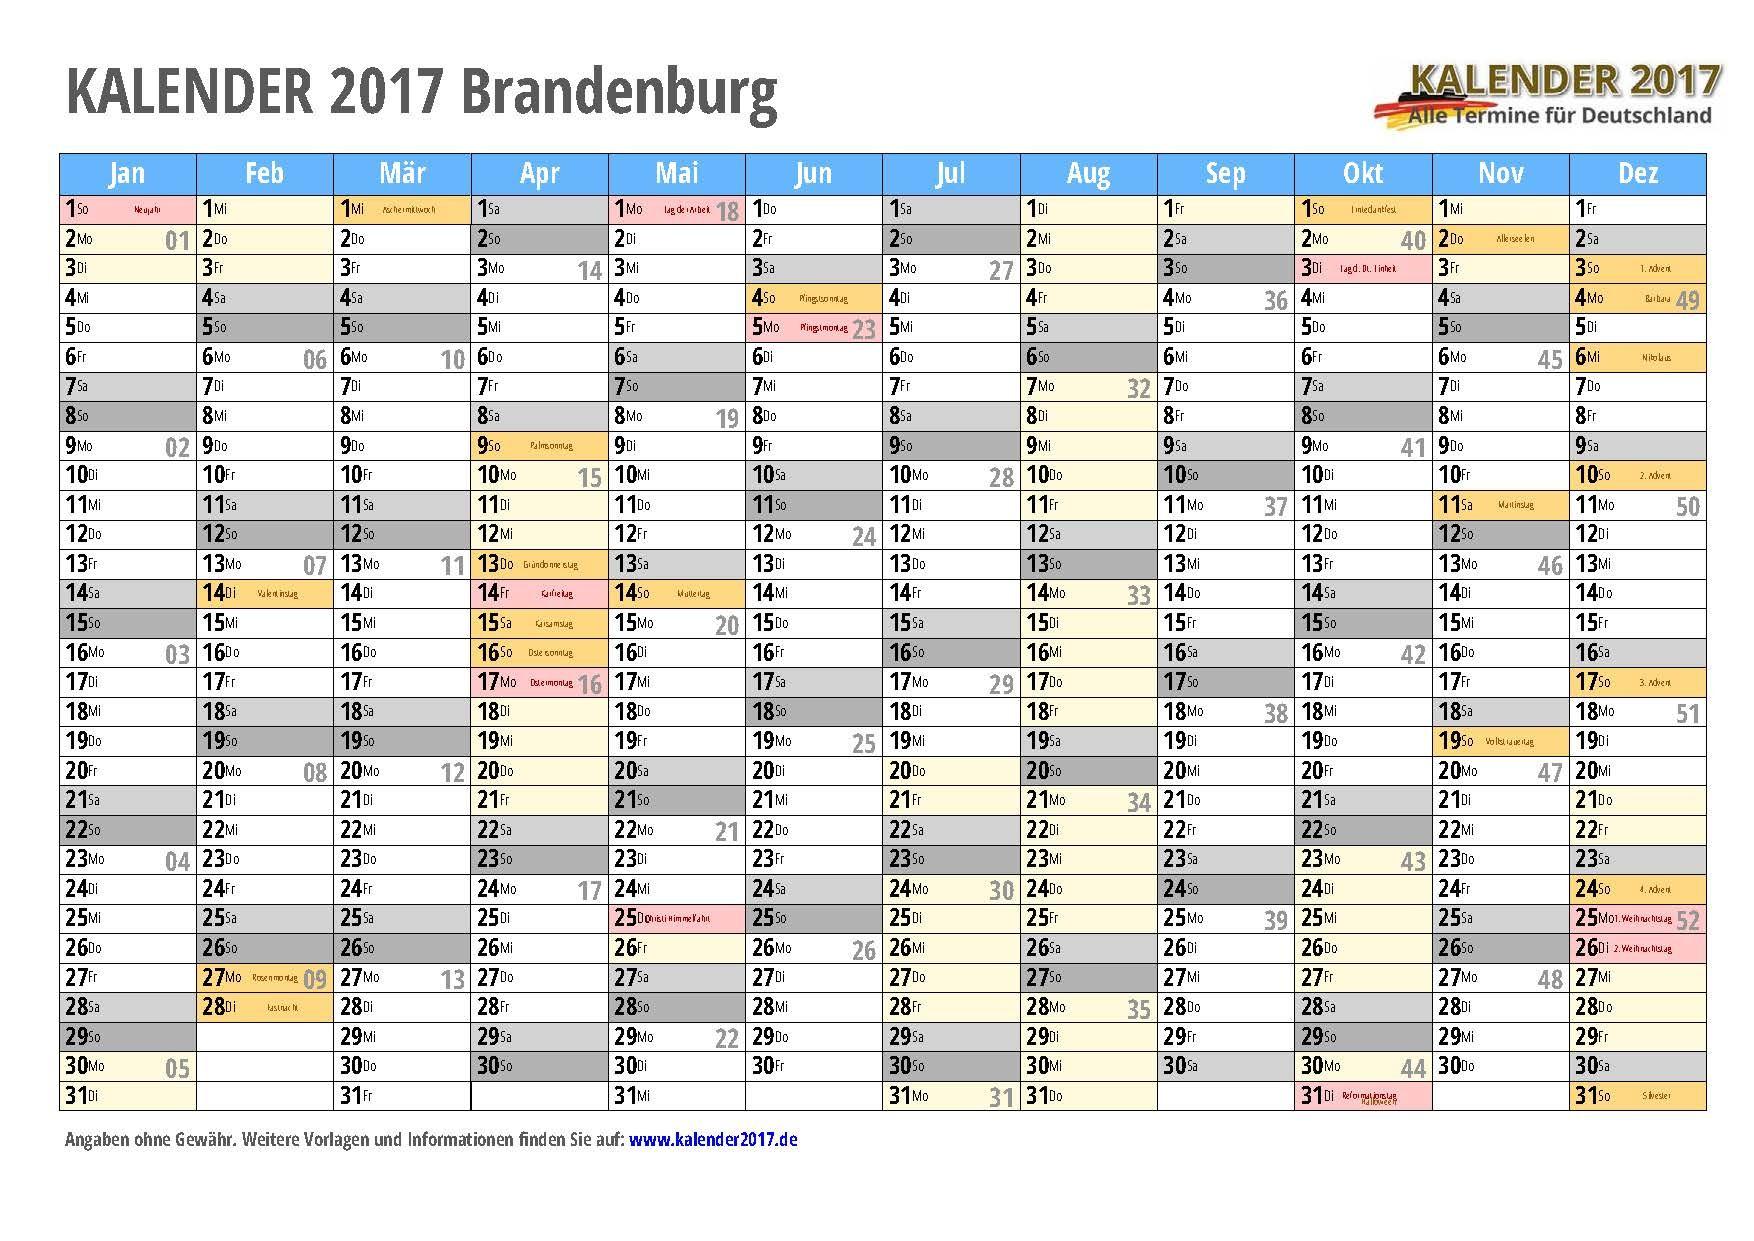 Kalender 2017 Brandenburg zum Ausdrucken KALENDER 2017